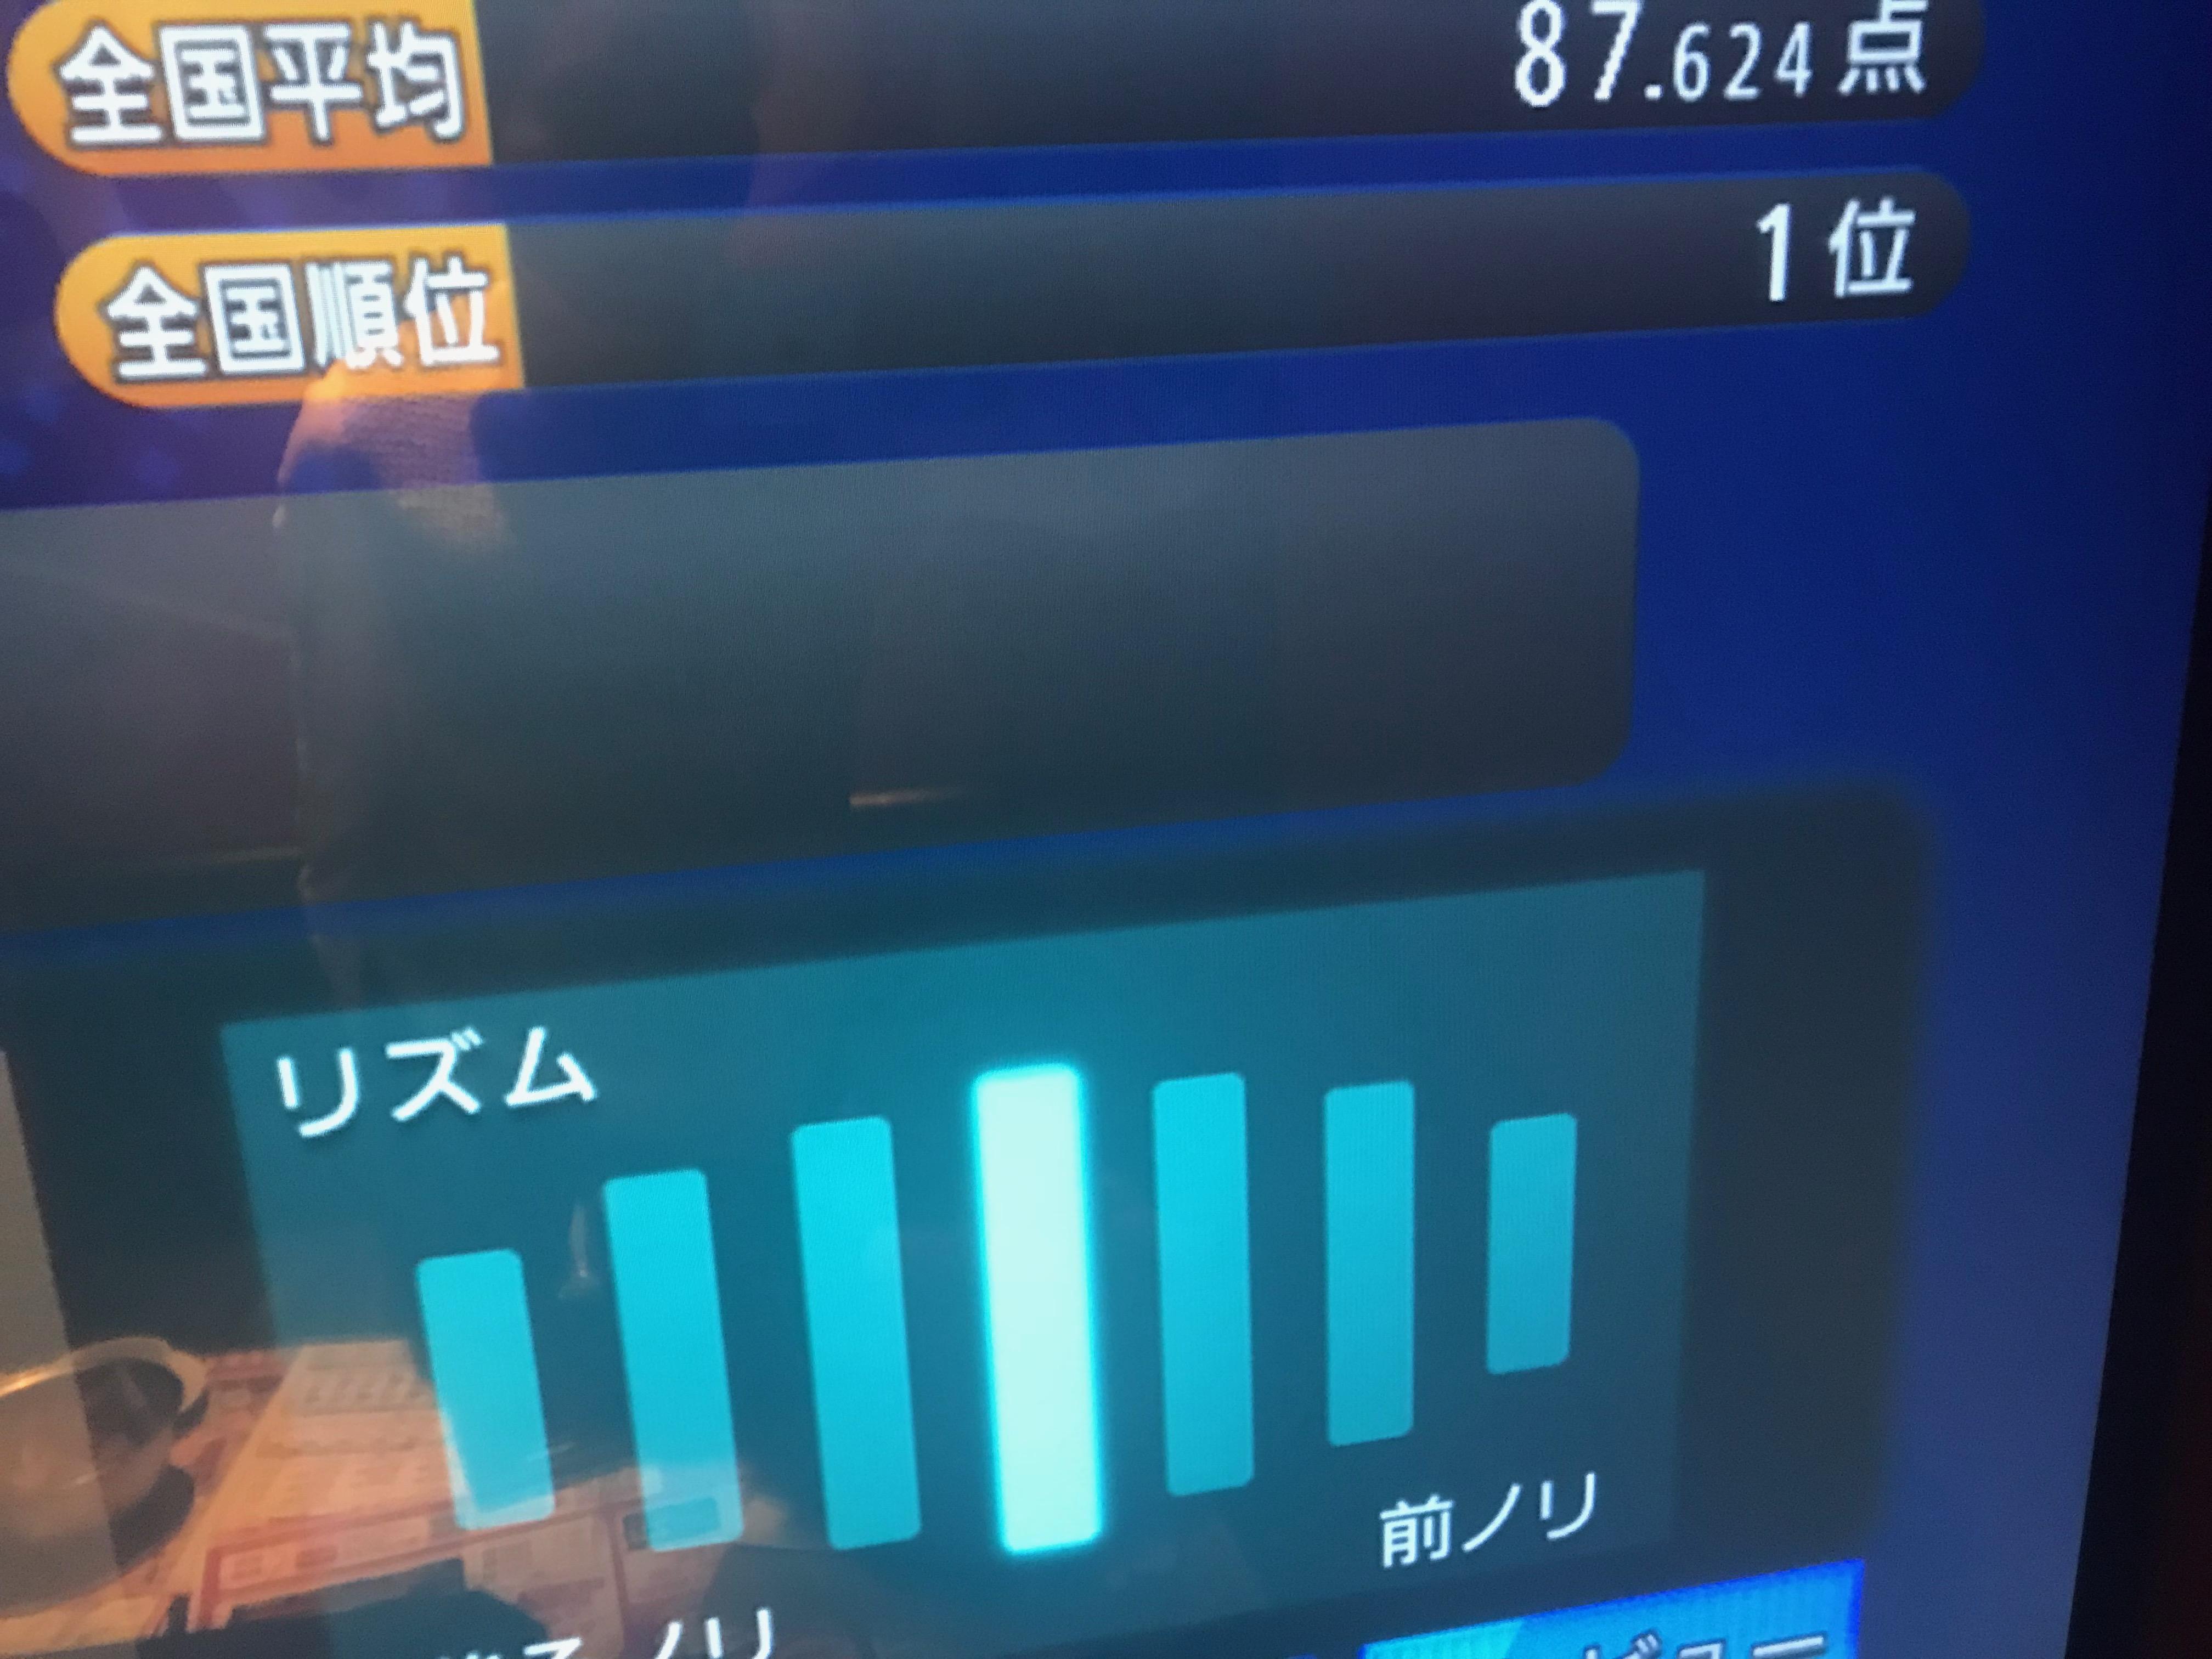 11時〜22時カラオケの結果